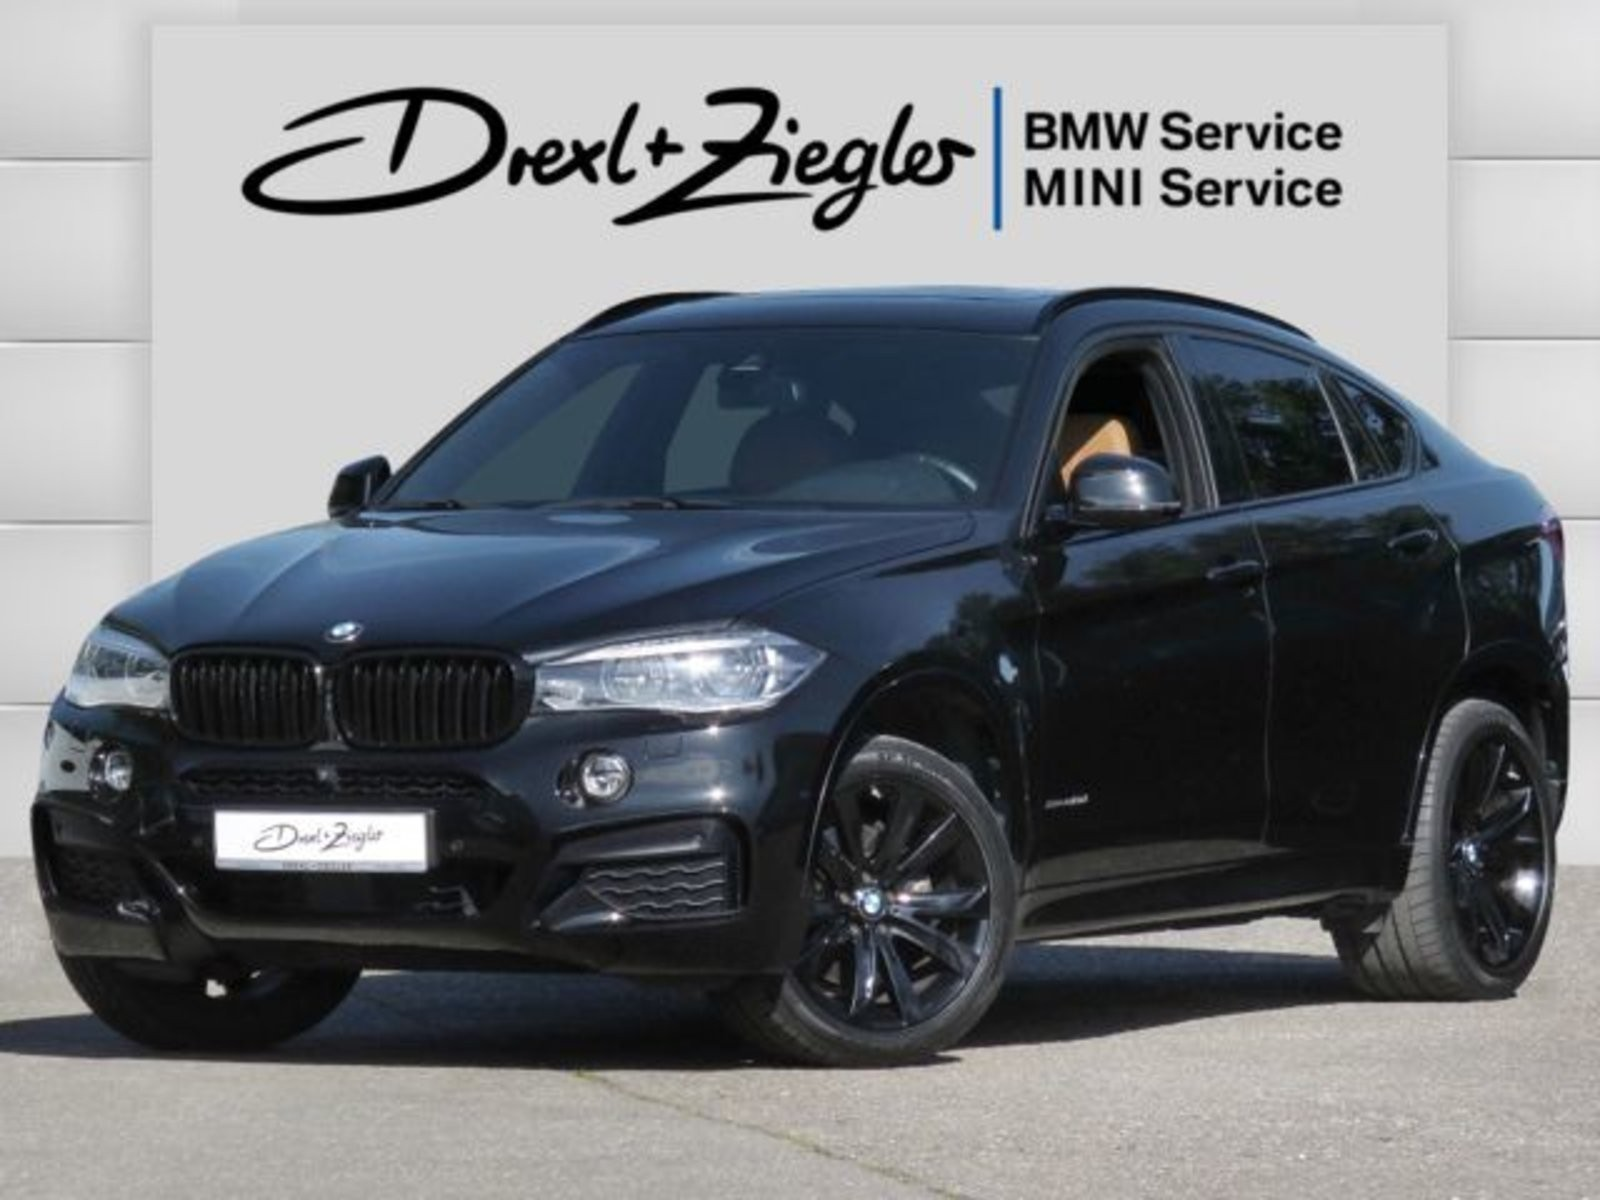 BMW X6 xDrive40d M Sport AHK HUD DAB HiFi GSD Alu20, Jahr 2015, Diesel